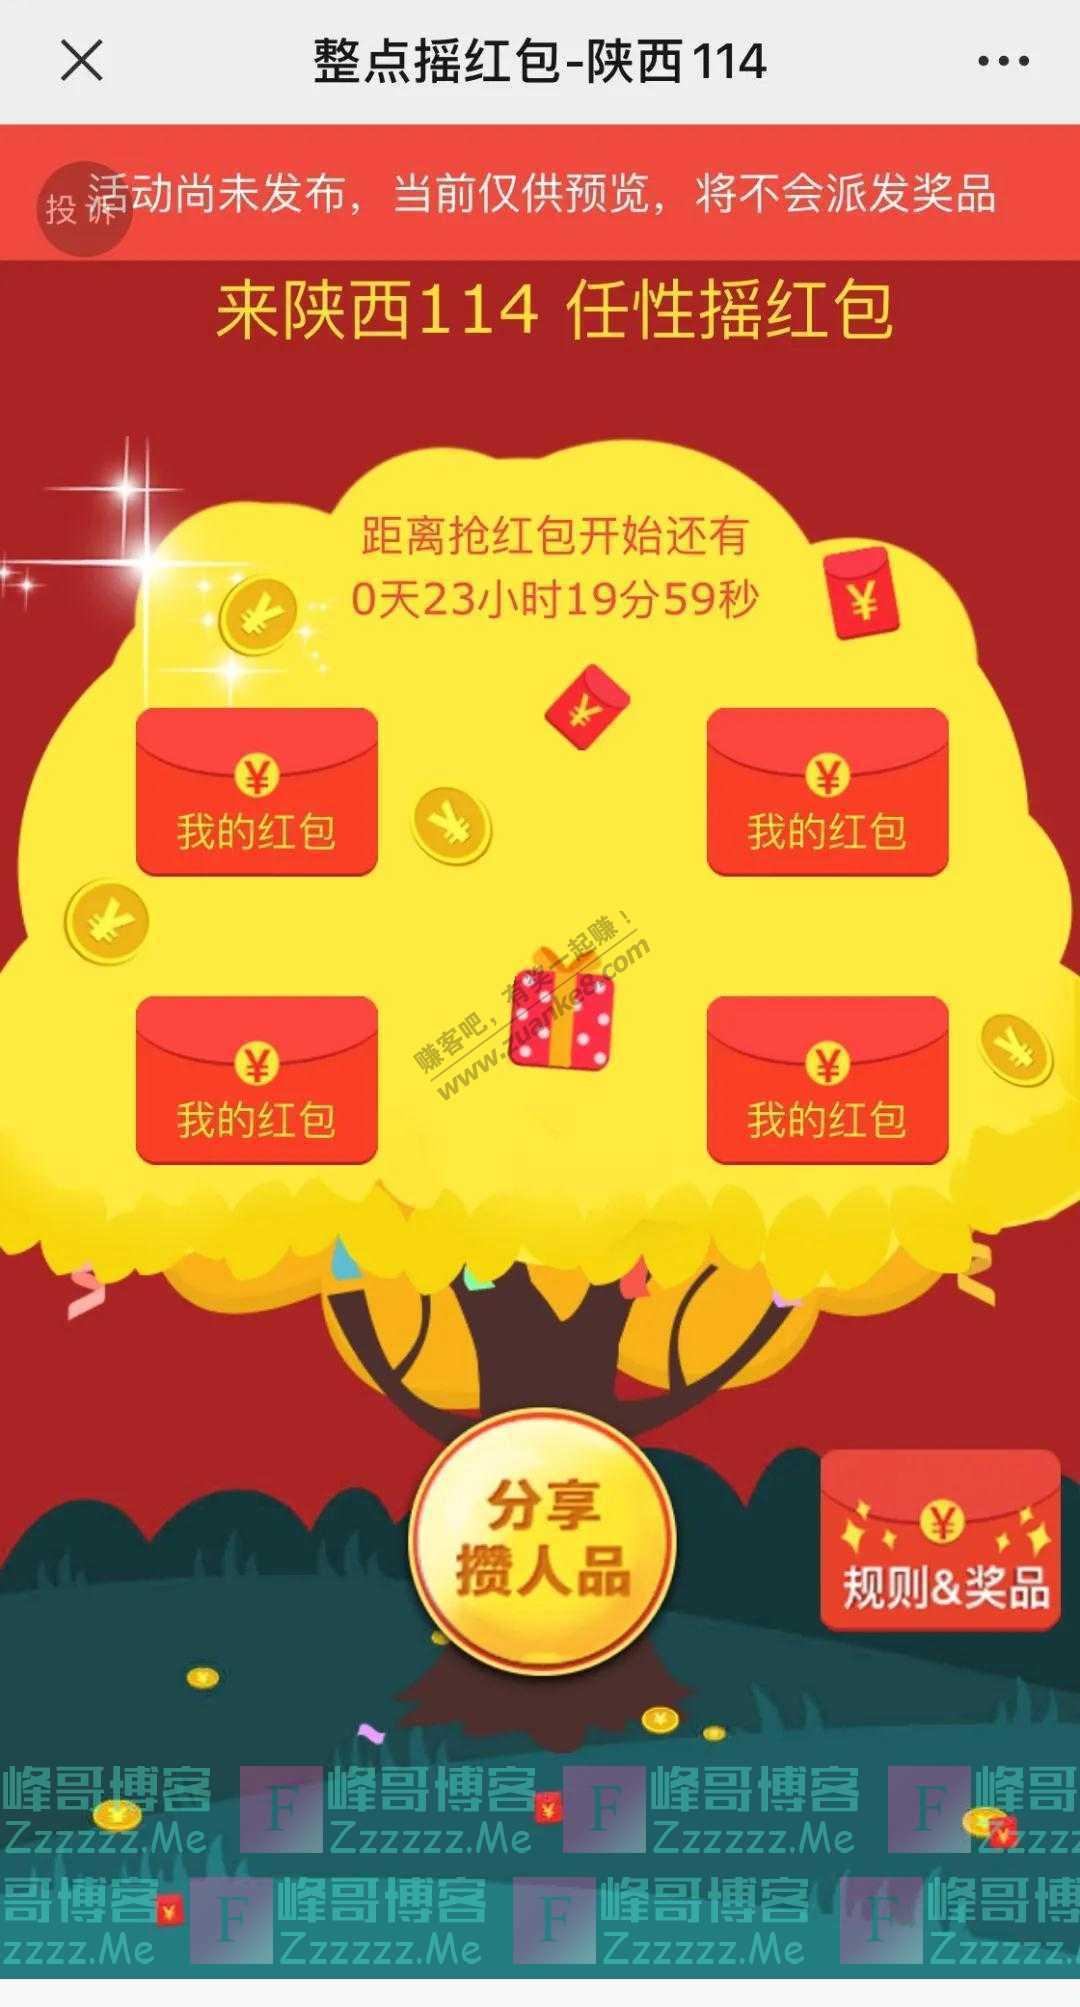 陕西114送福利!整点红包雨(截止8月27日)